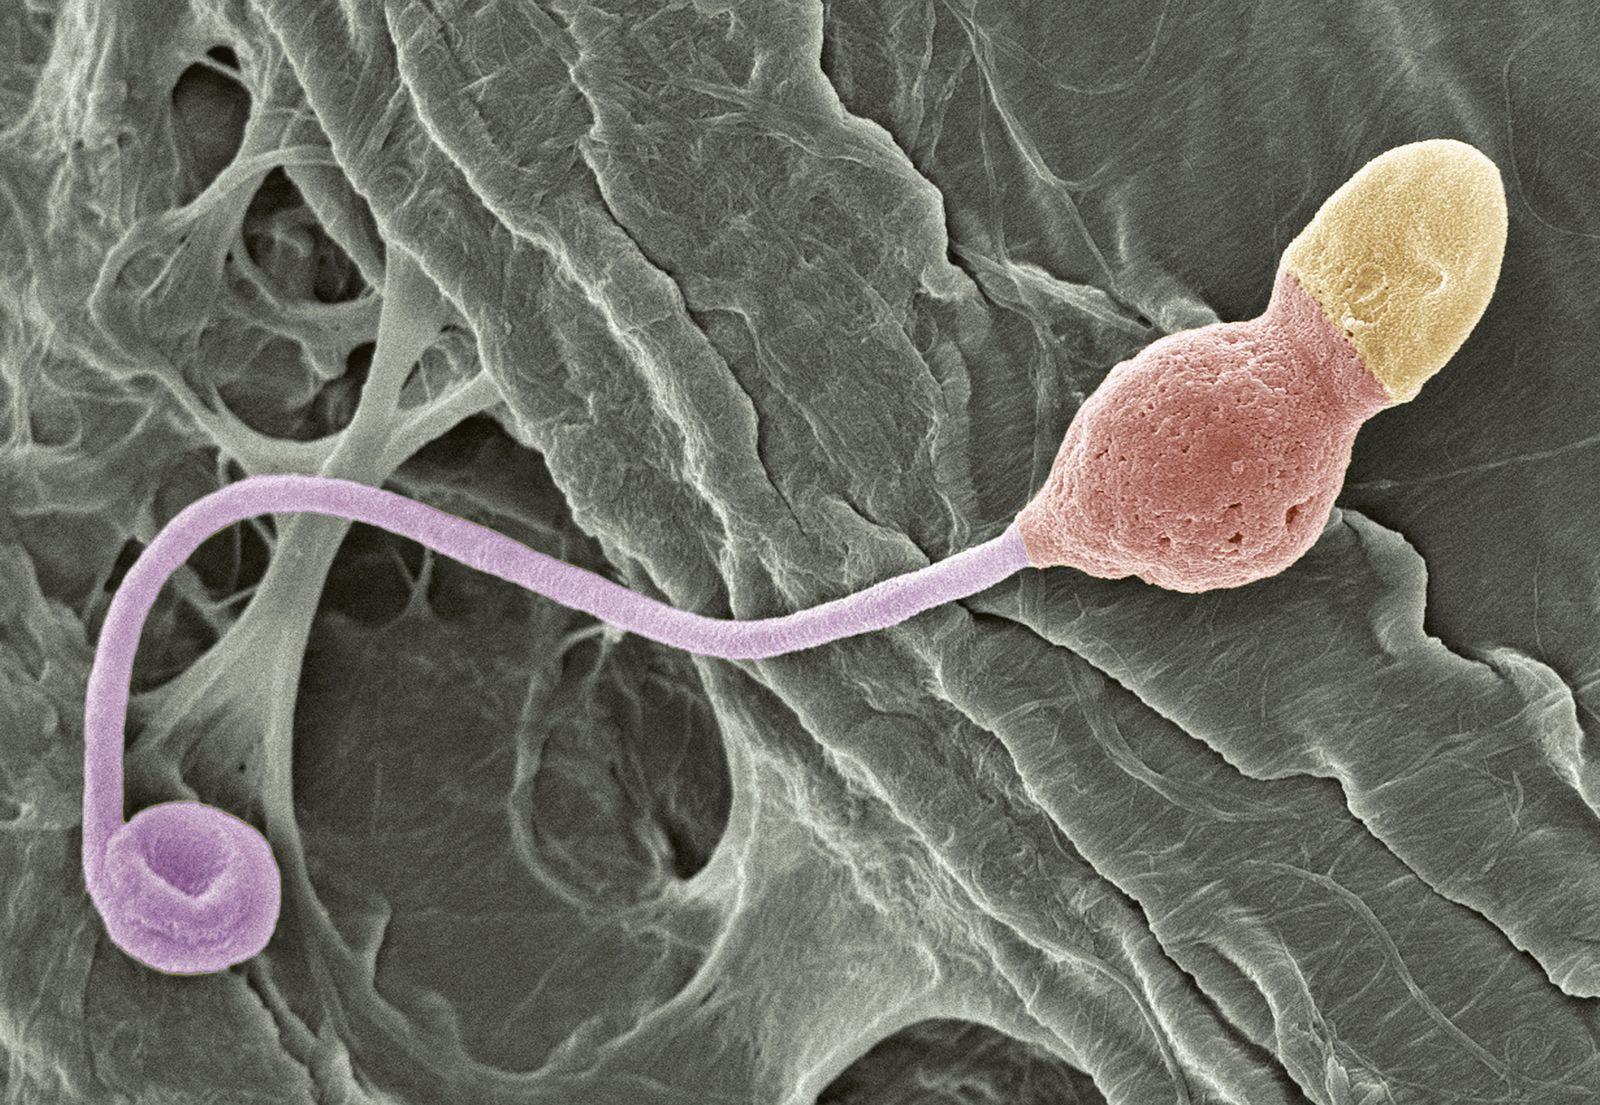 NICHT MEHR VERWENDEN! - Spermien / Deformation